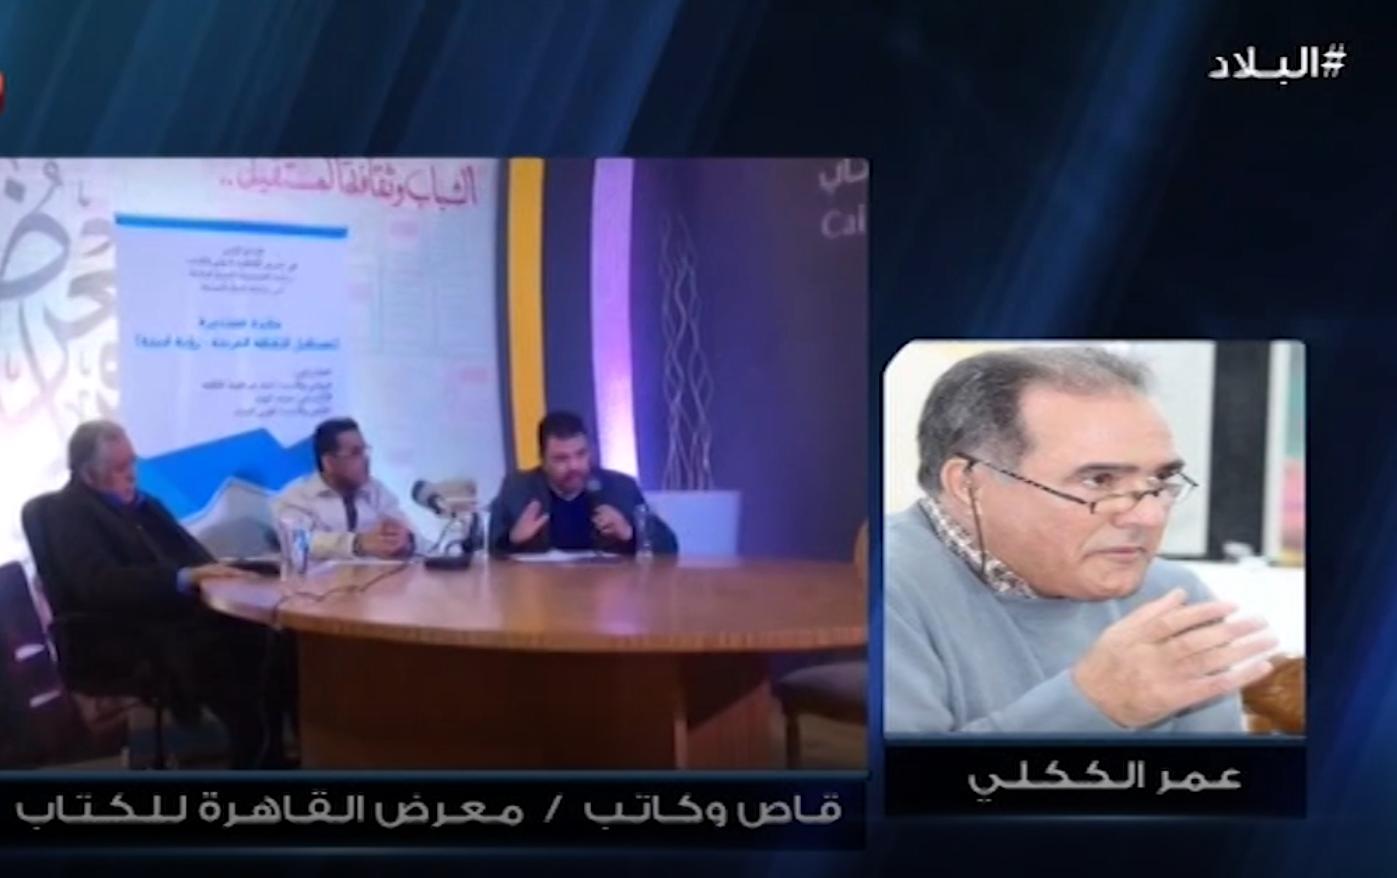 عمر الككلي